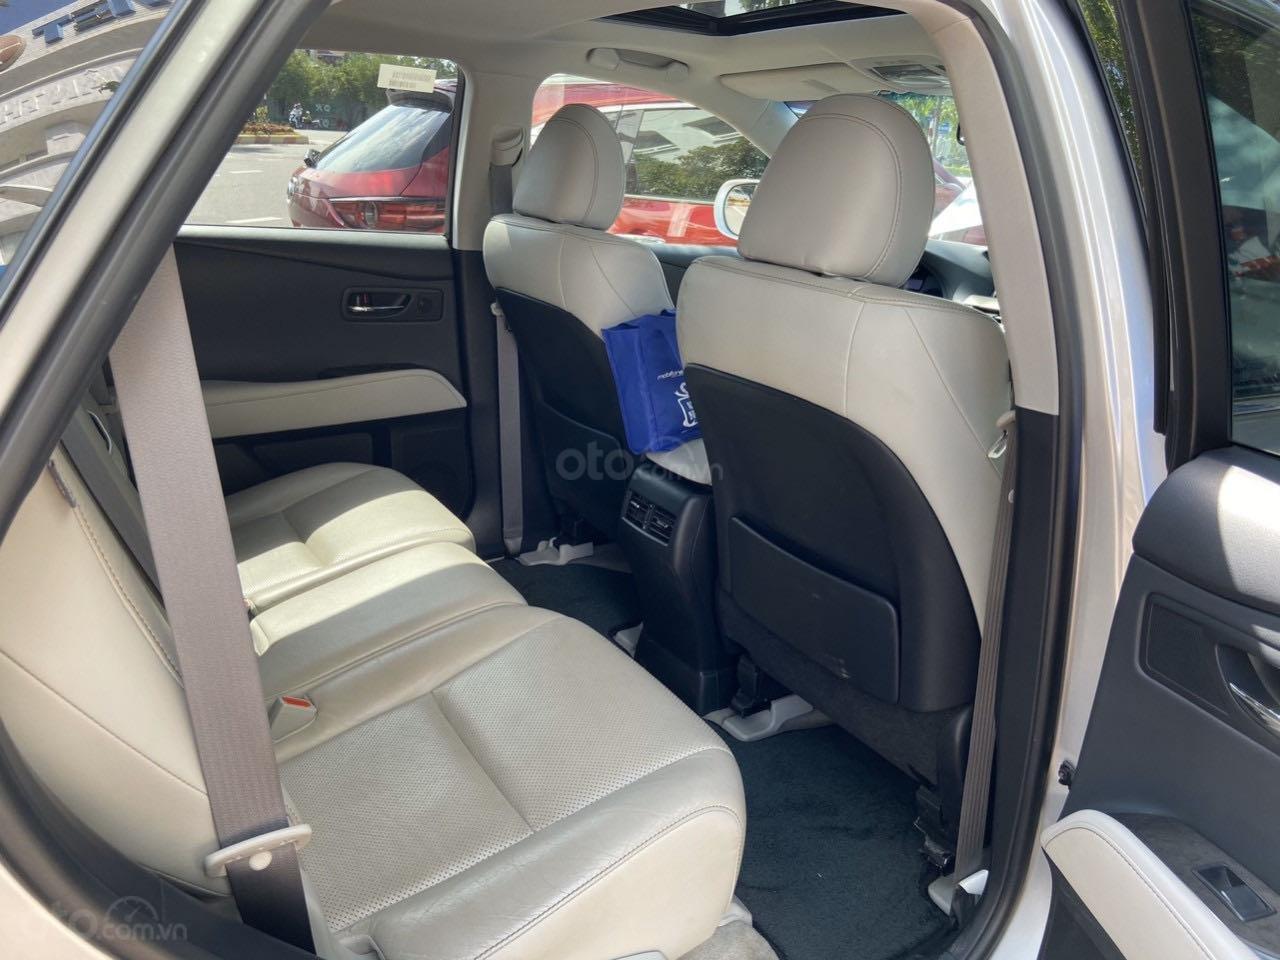 Cần bán lại xe Lexus RX năm 2015, màu bạc, xe nhập khẩu, đi giữ gìn, mới 99,9% bao test (8)